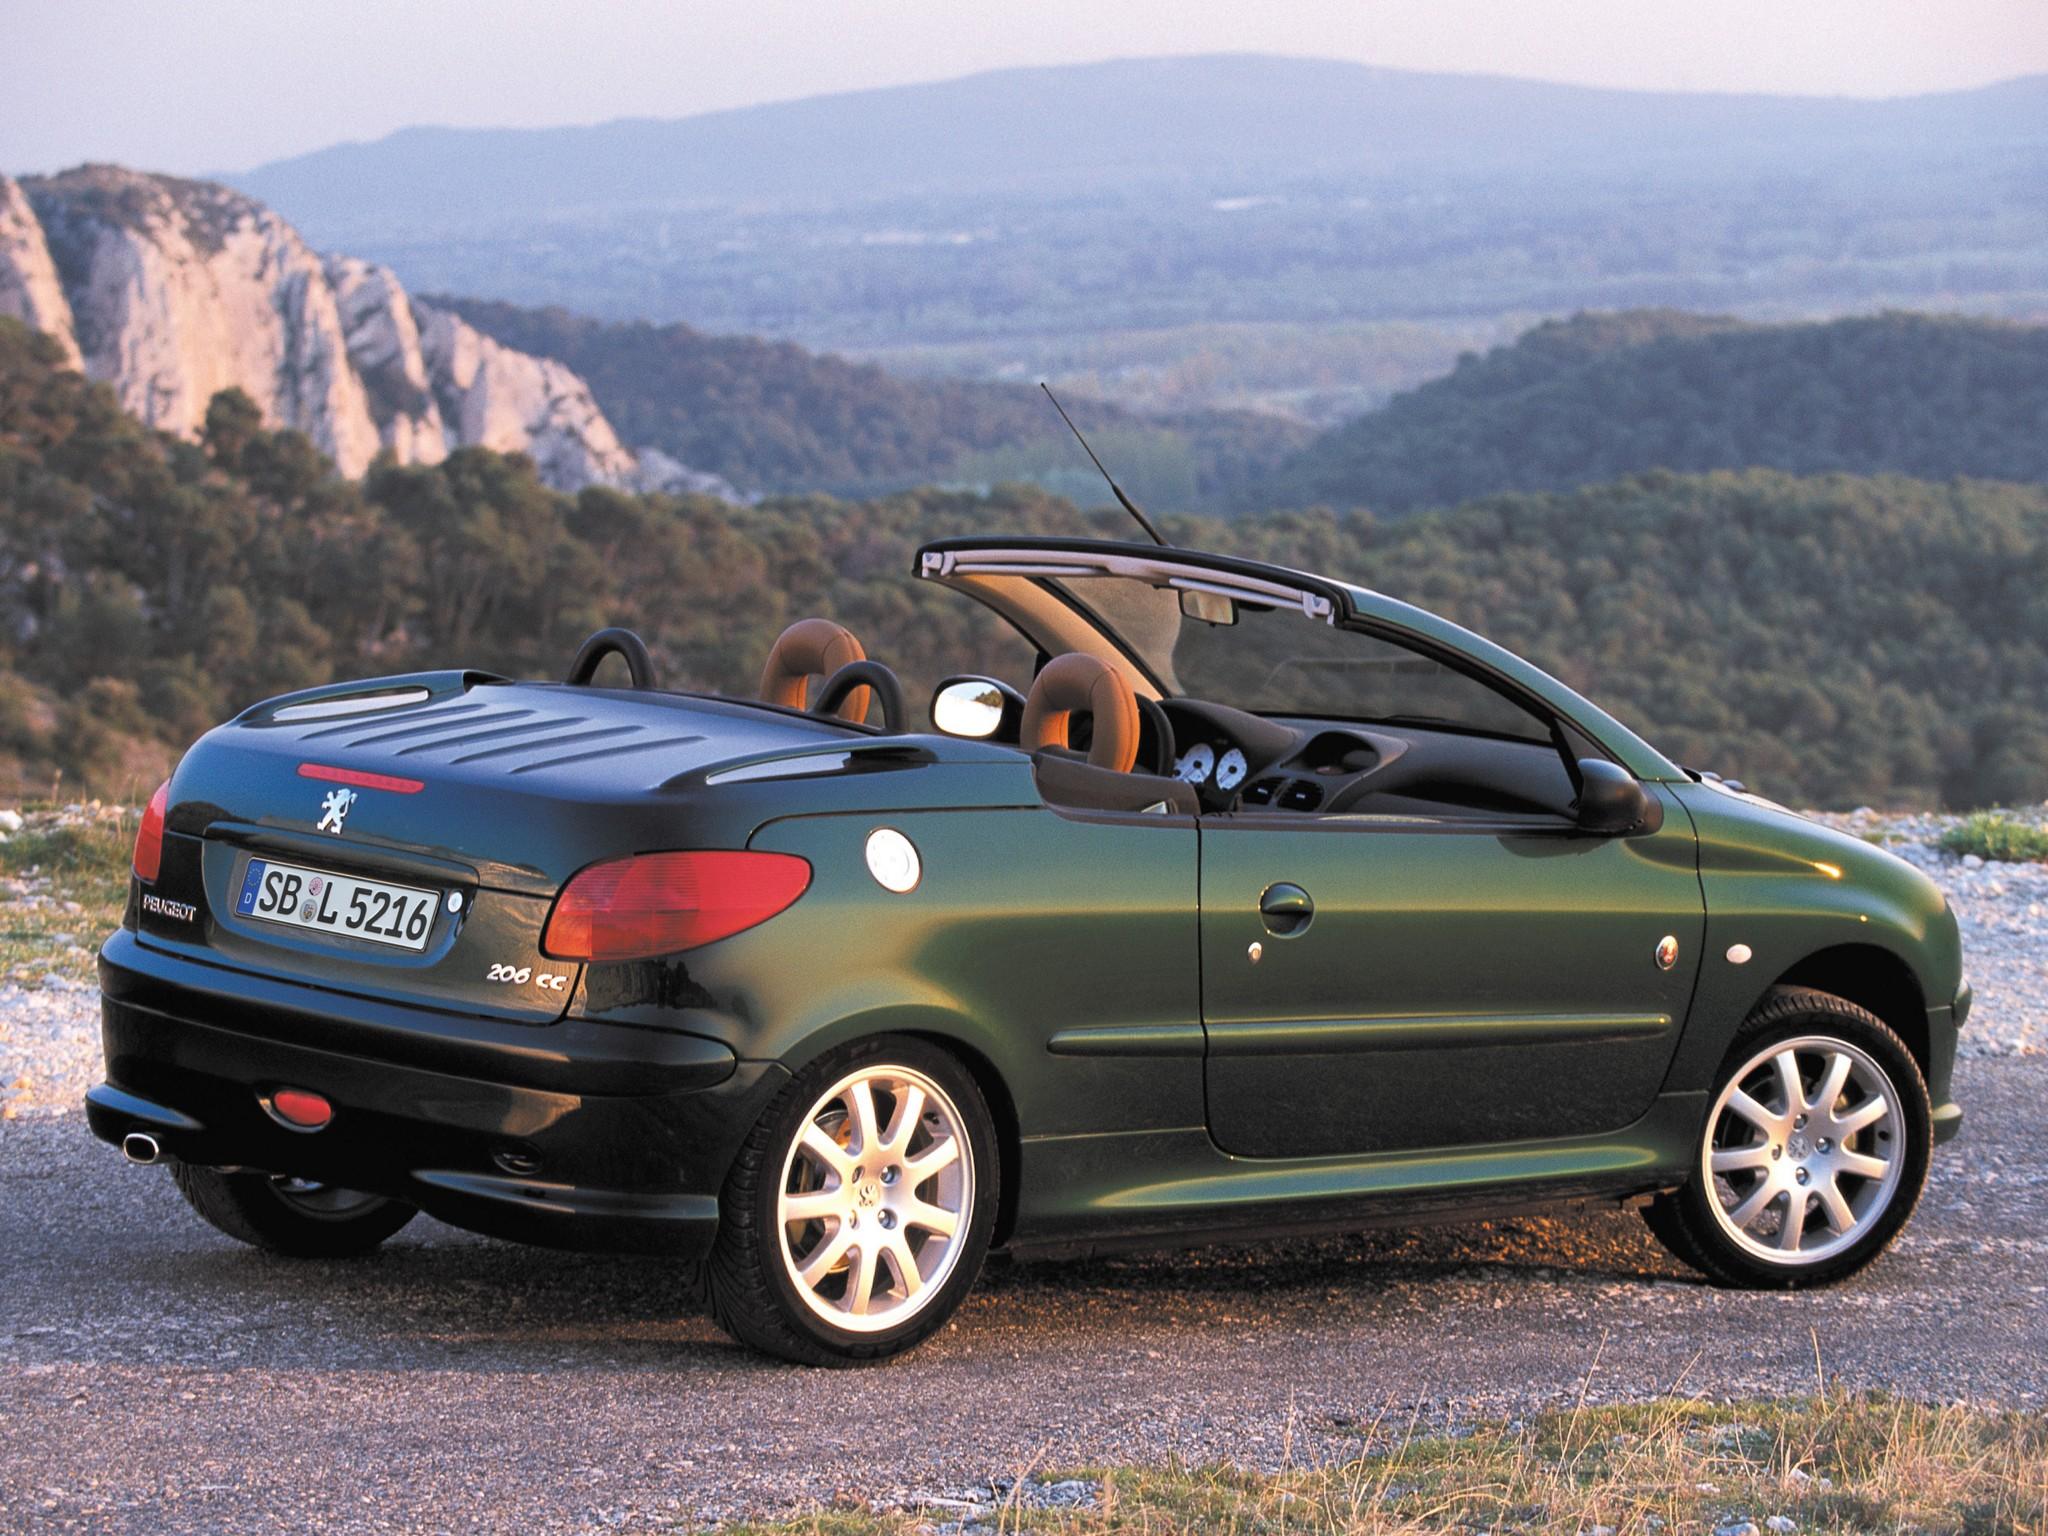 Peugeot 206 cc specs 2001 2002 2003 2004 2005 2006 2007 peugeot 206 cc 2001 2007 asfbconference2016 Image collections